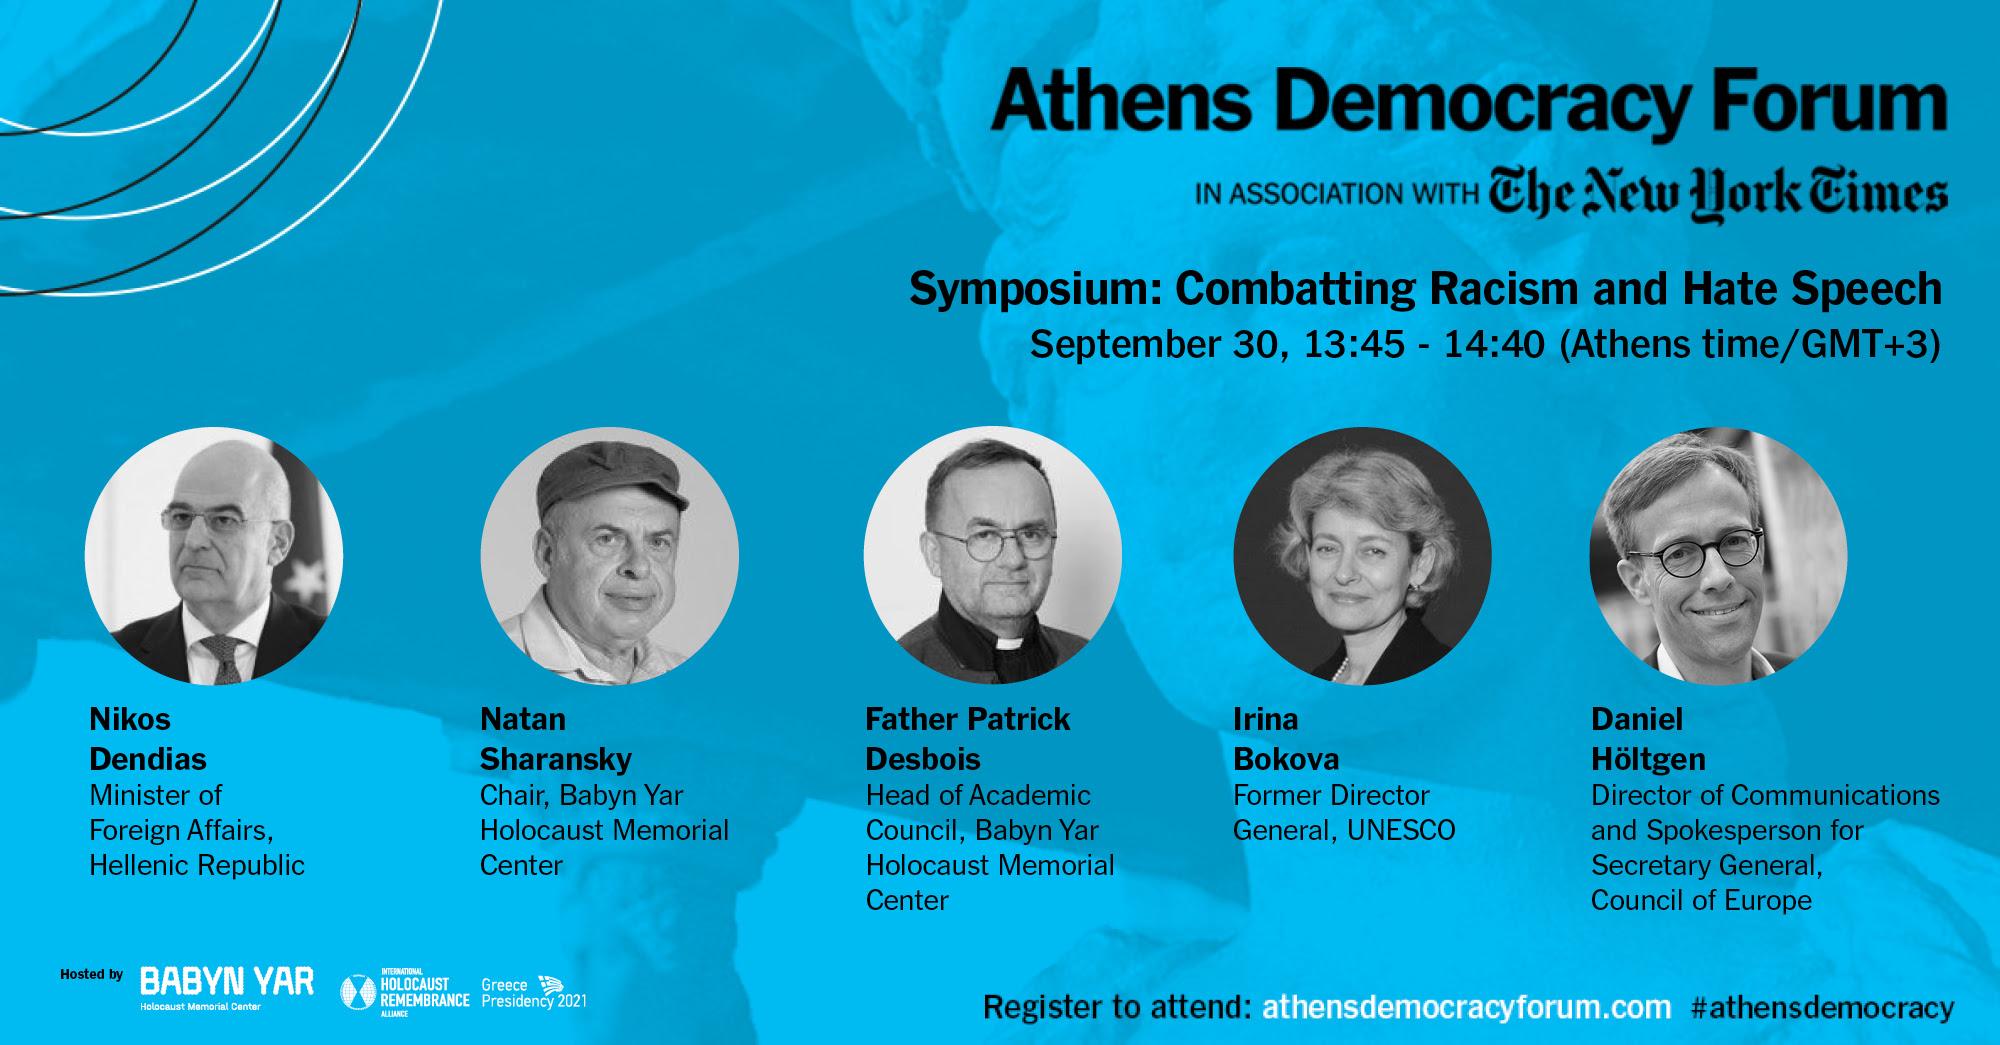 Дискусія про проблему антисемітизму та трагедію Голокосту відбудеться на Афінському демократичному форумі